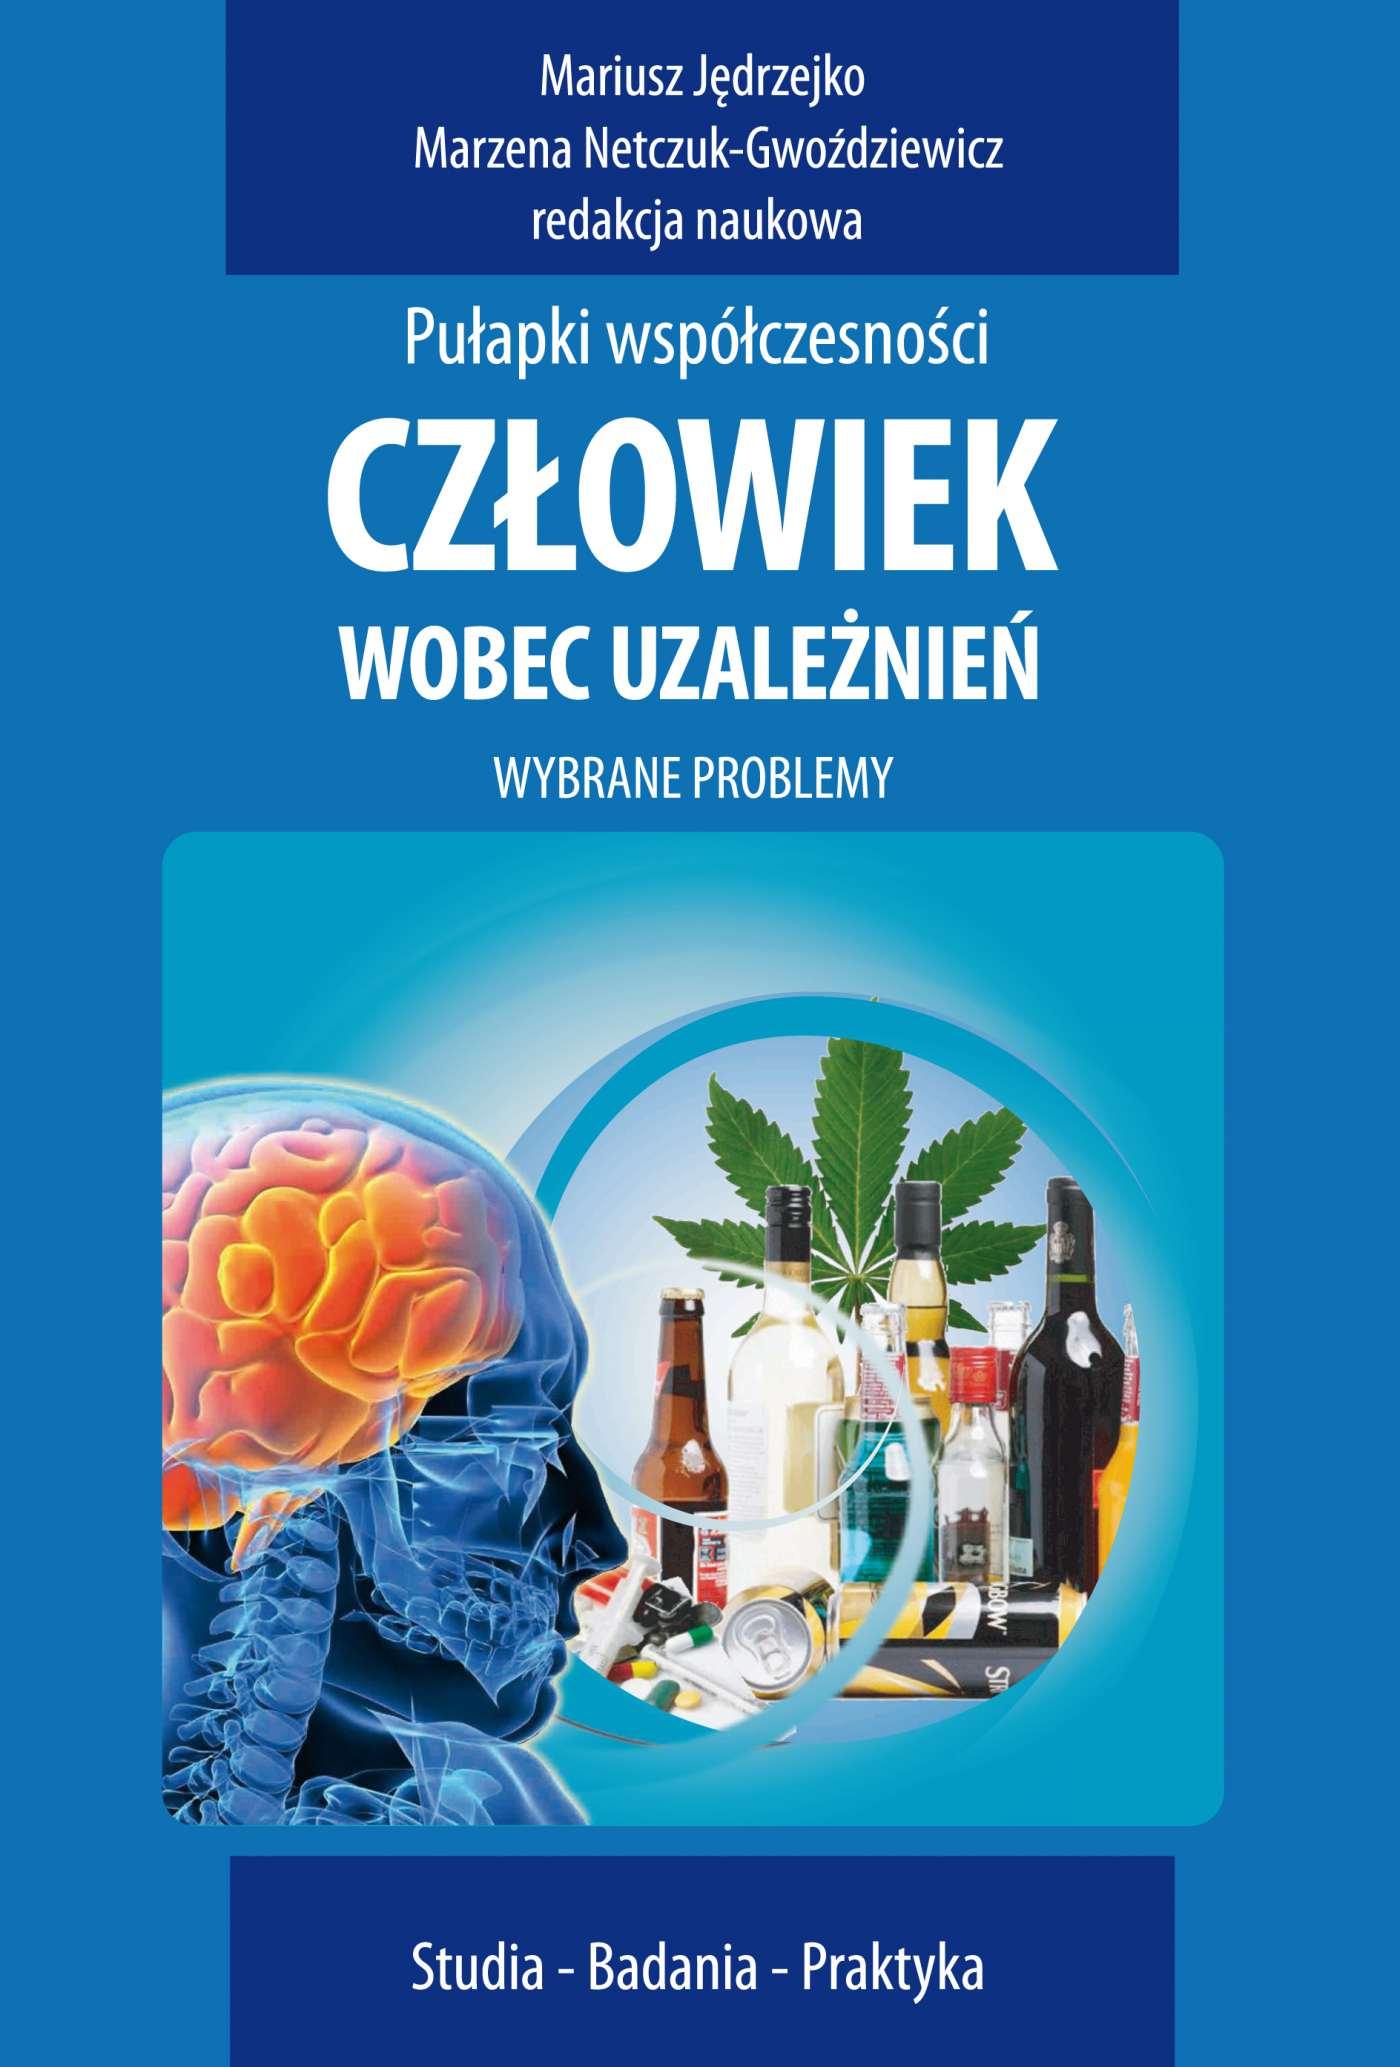 Człowiek wobec uzależnień - Ebook (Książka PDF) do pobrania w formacie PDF